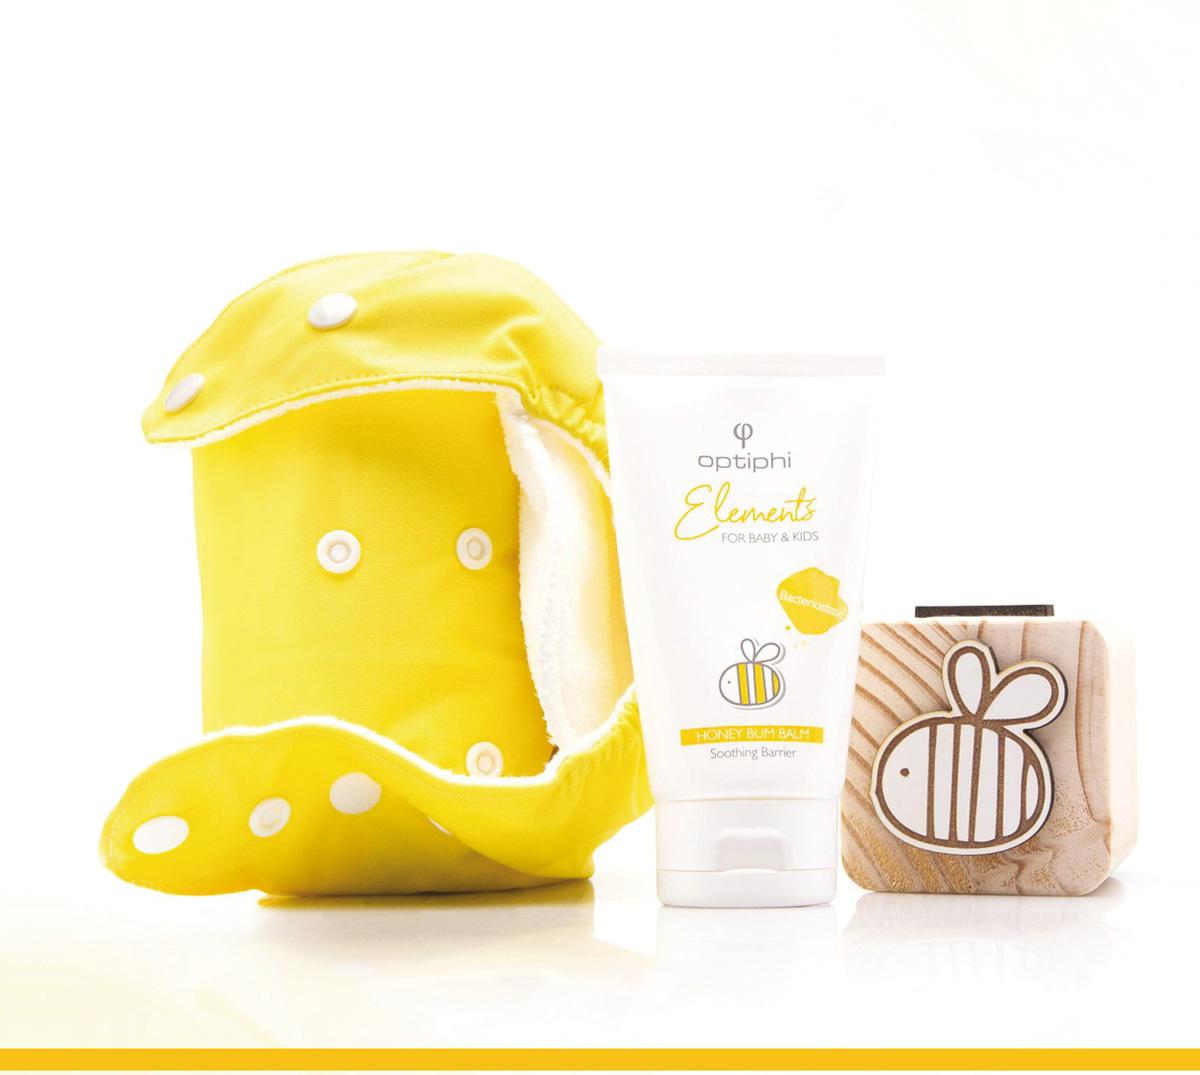 Produktfoto: Gelbe kleine Produkttasche. In der Mitte eine weiße Tube mit gelber Aufschrift Baby Bum, links Holzwürfel mit Skizze einer Biene.